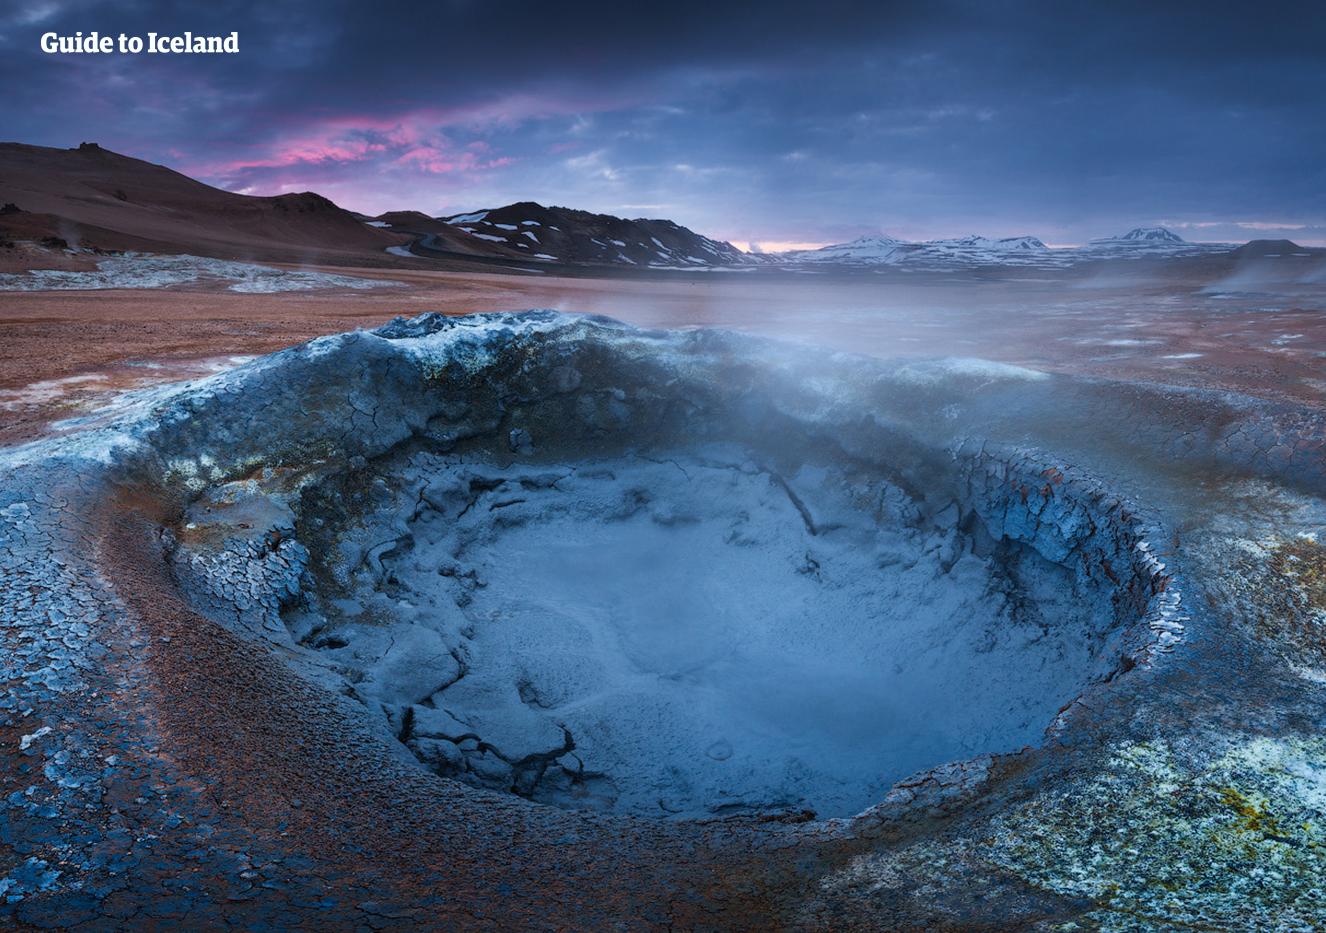 您可以在冰岛北部的Hveravellir地热区找到冒泡的泥潭和地热,同时也会发现大量地热排气口